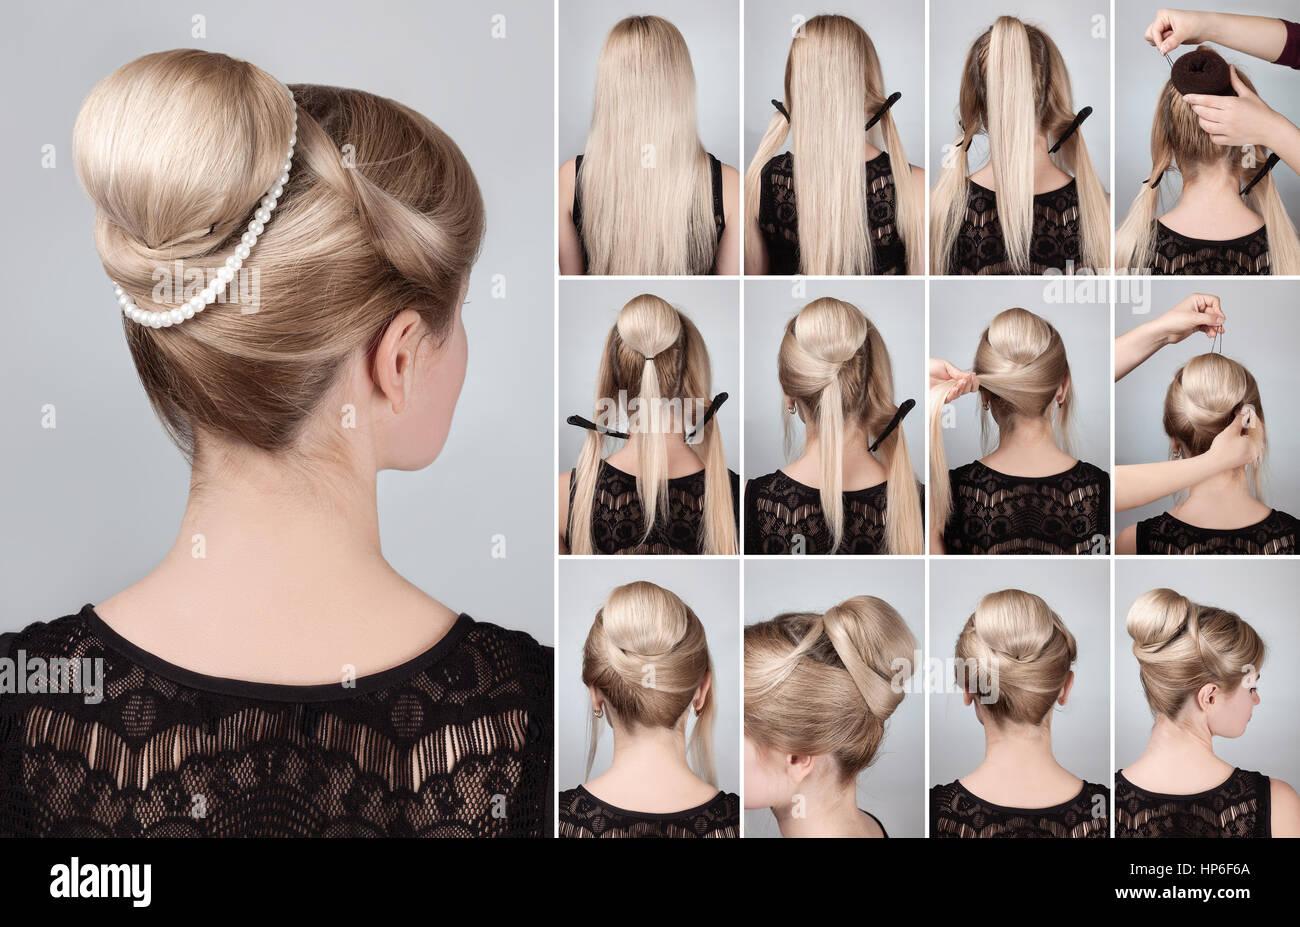 Frisur Tutorial Elegante Brotchen Mit Dutt Und Perlenkette Blonde